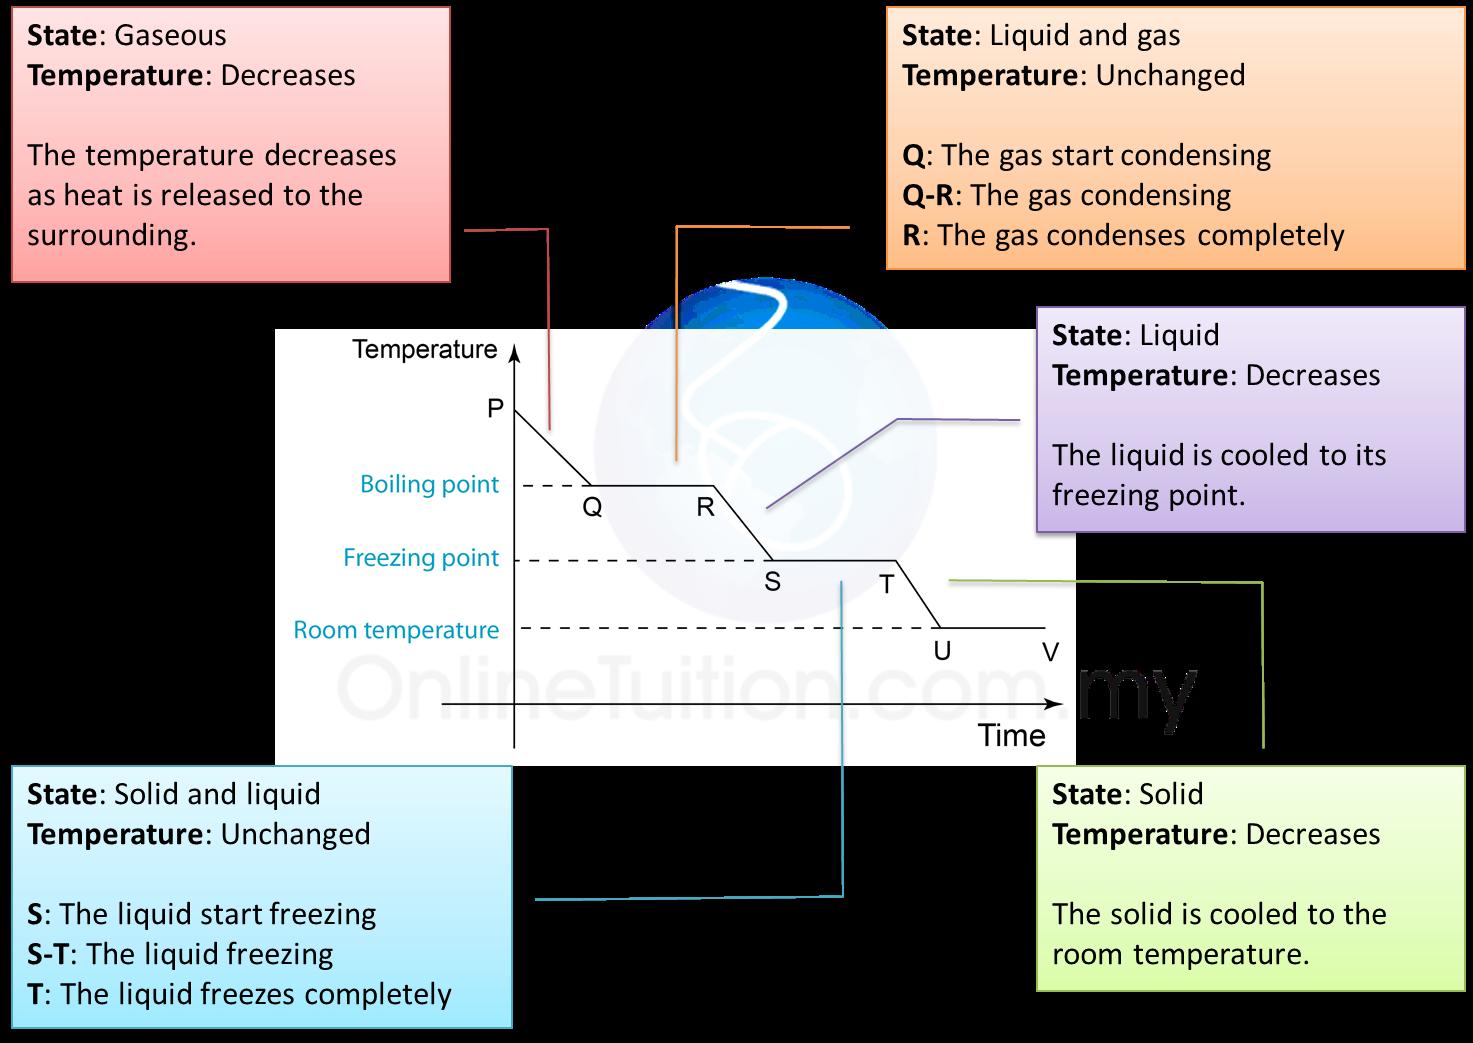 Lengkung penyejukan nota ulangkaji spm fizik tingkatan 4tingkatan 5 rajah di bawah menunjukkan perubahan suhu apabula satu gas disejukkan sehingga berubah menjadi pepejal ccuart Image collections